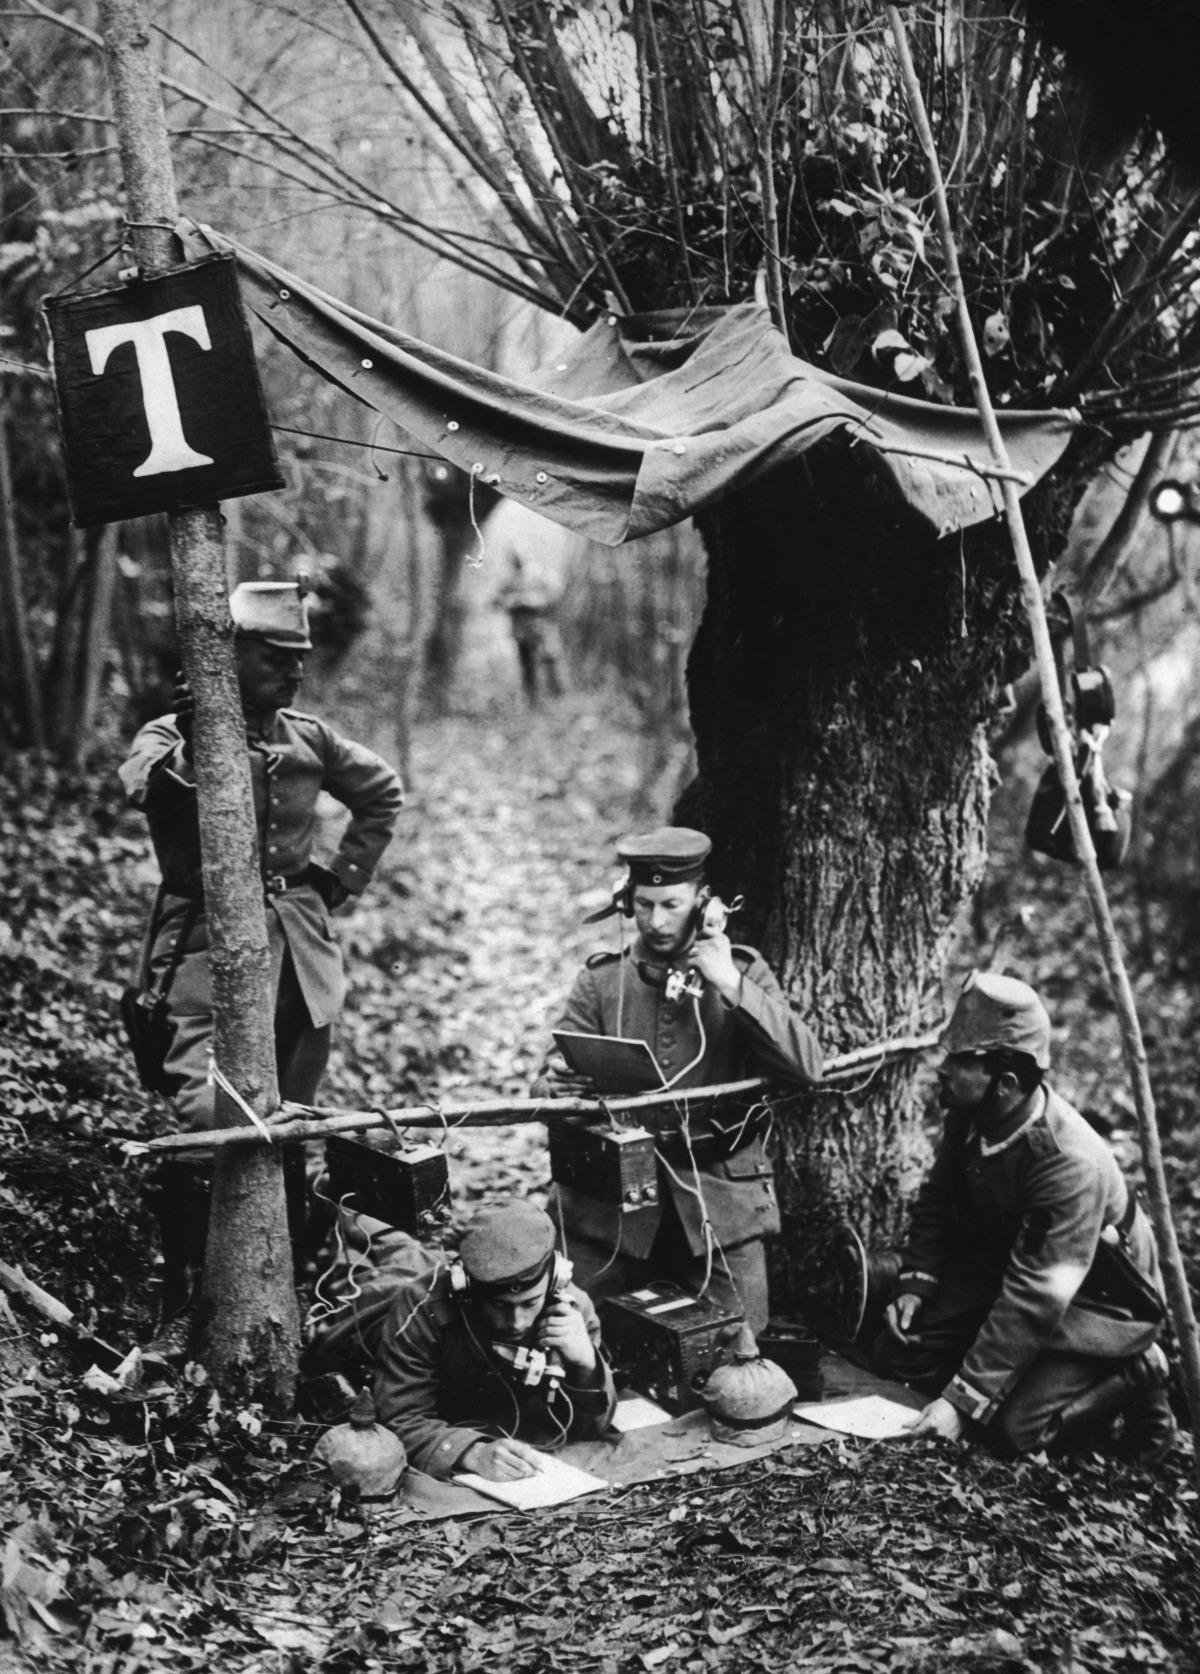 Πώς εξελίχθηκαν τα κινητά τηλέφωνα από το 1916 μέχρι σήμερα